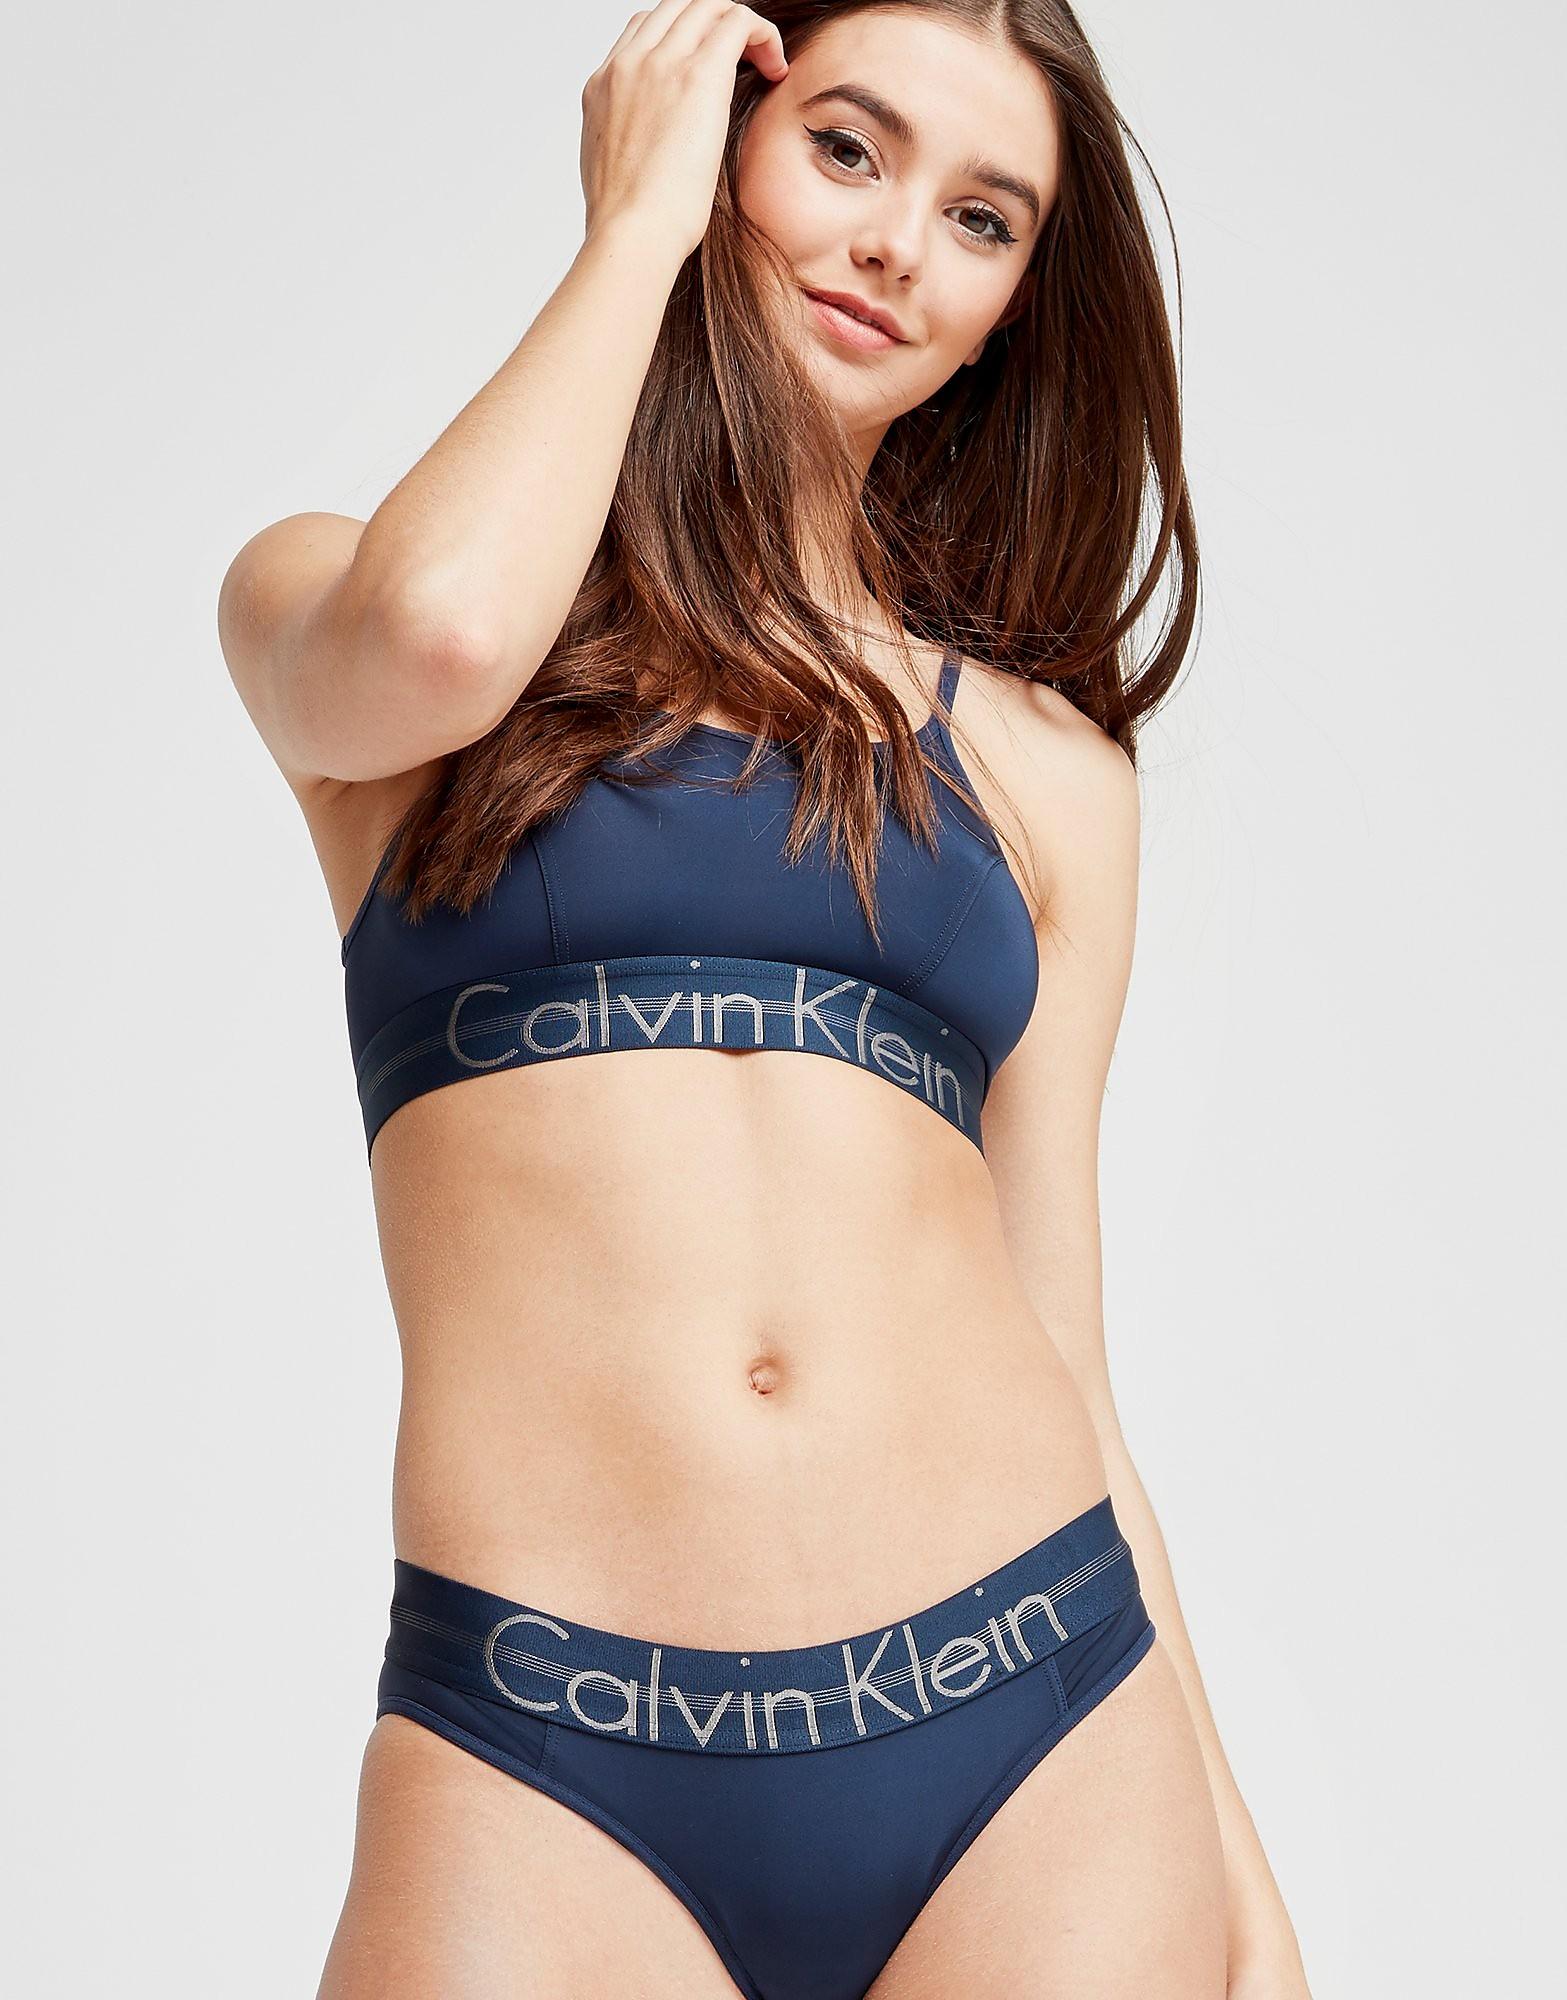 Calvin Klein Focused Fit Briefs